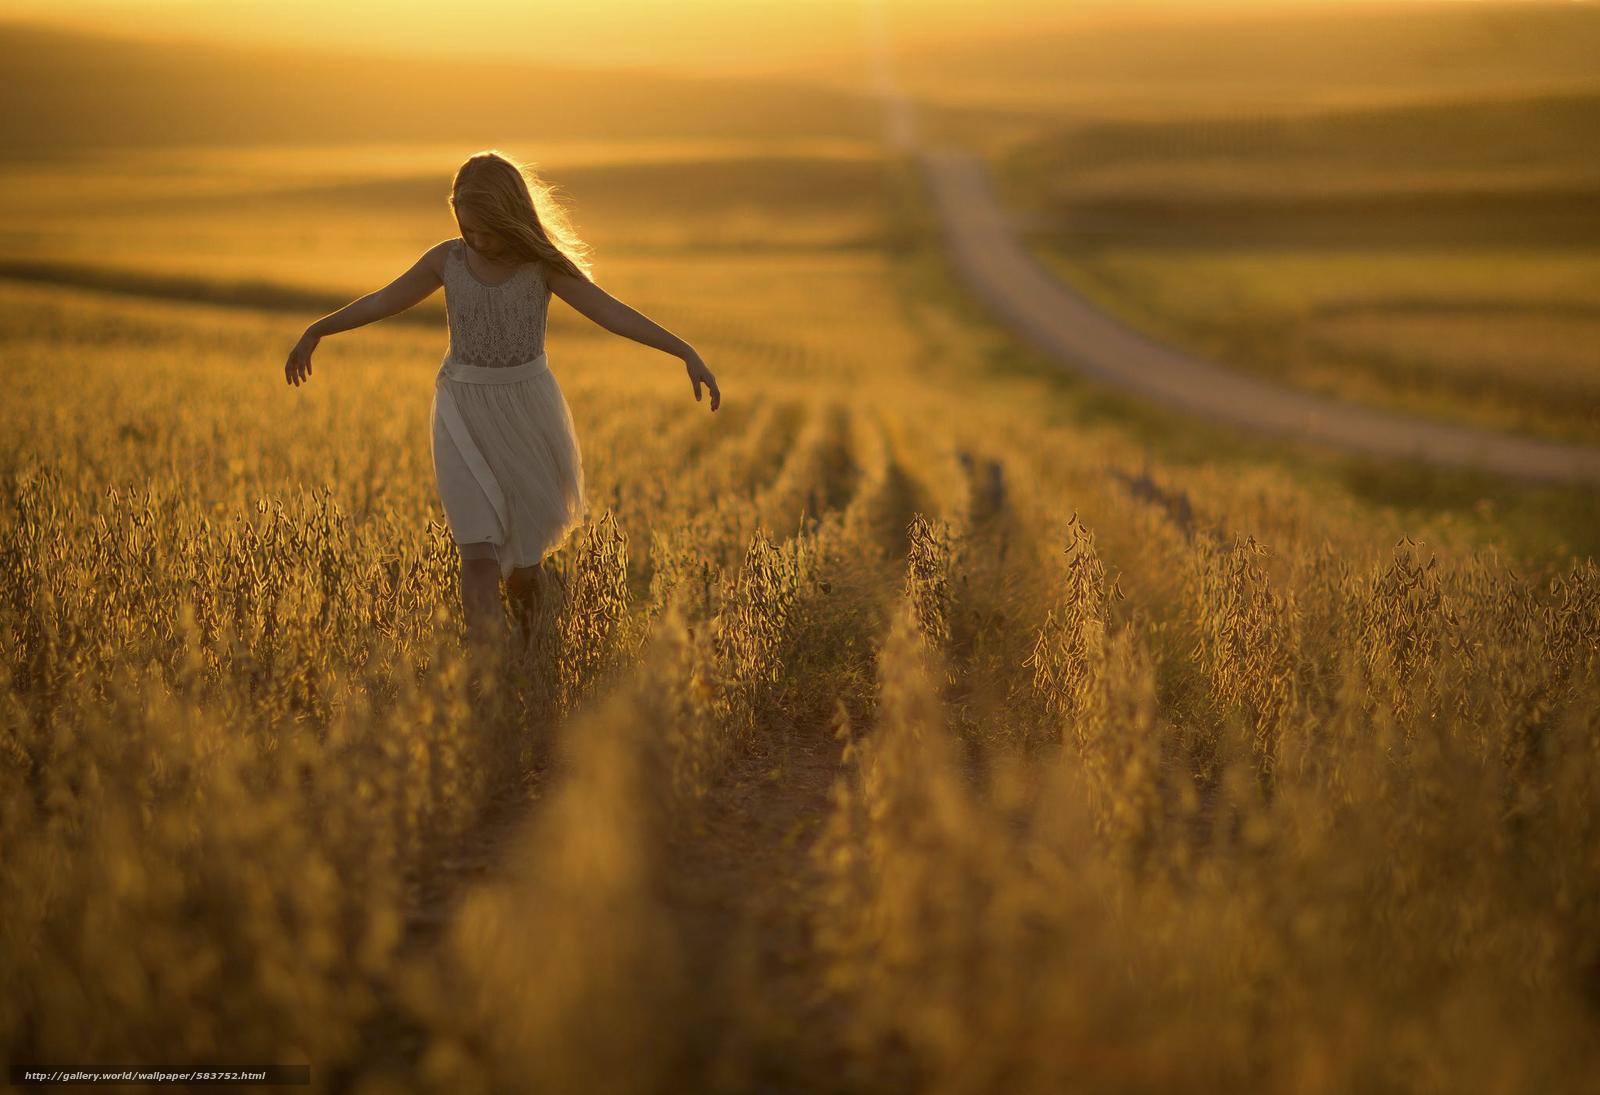 Скачать обои дорога,  девочка,  боке,  солнце бесплатно для рабочего стола в разрешении 2048x1402 — картинка №583752